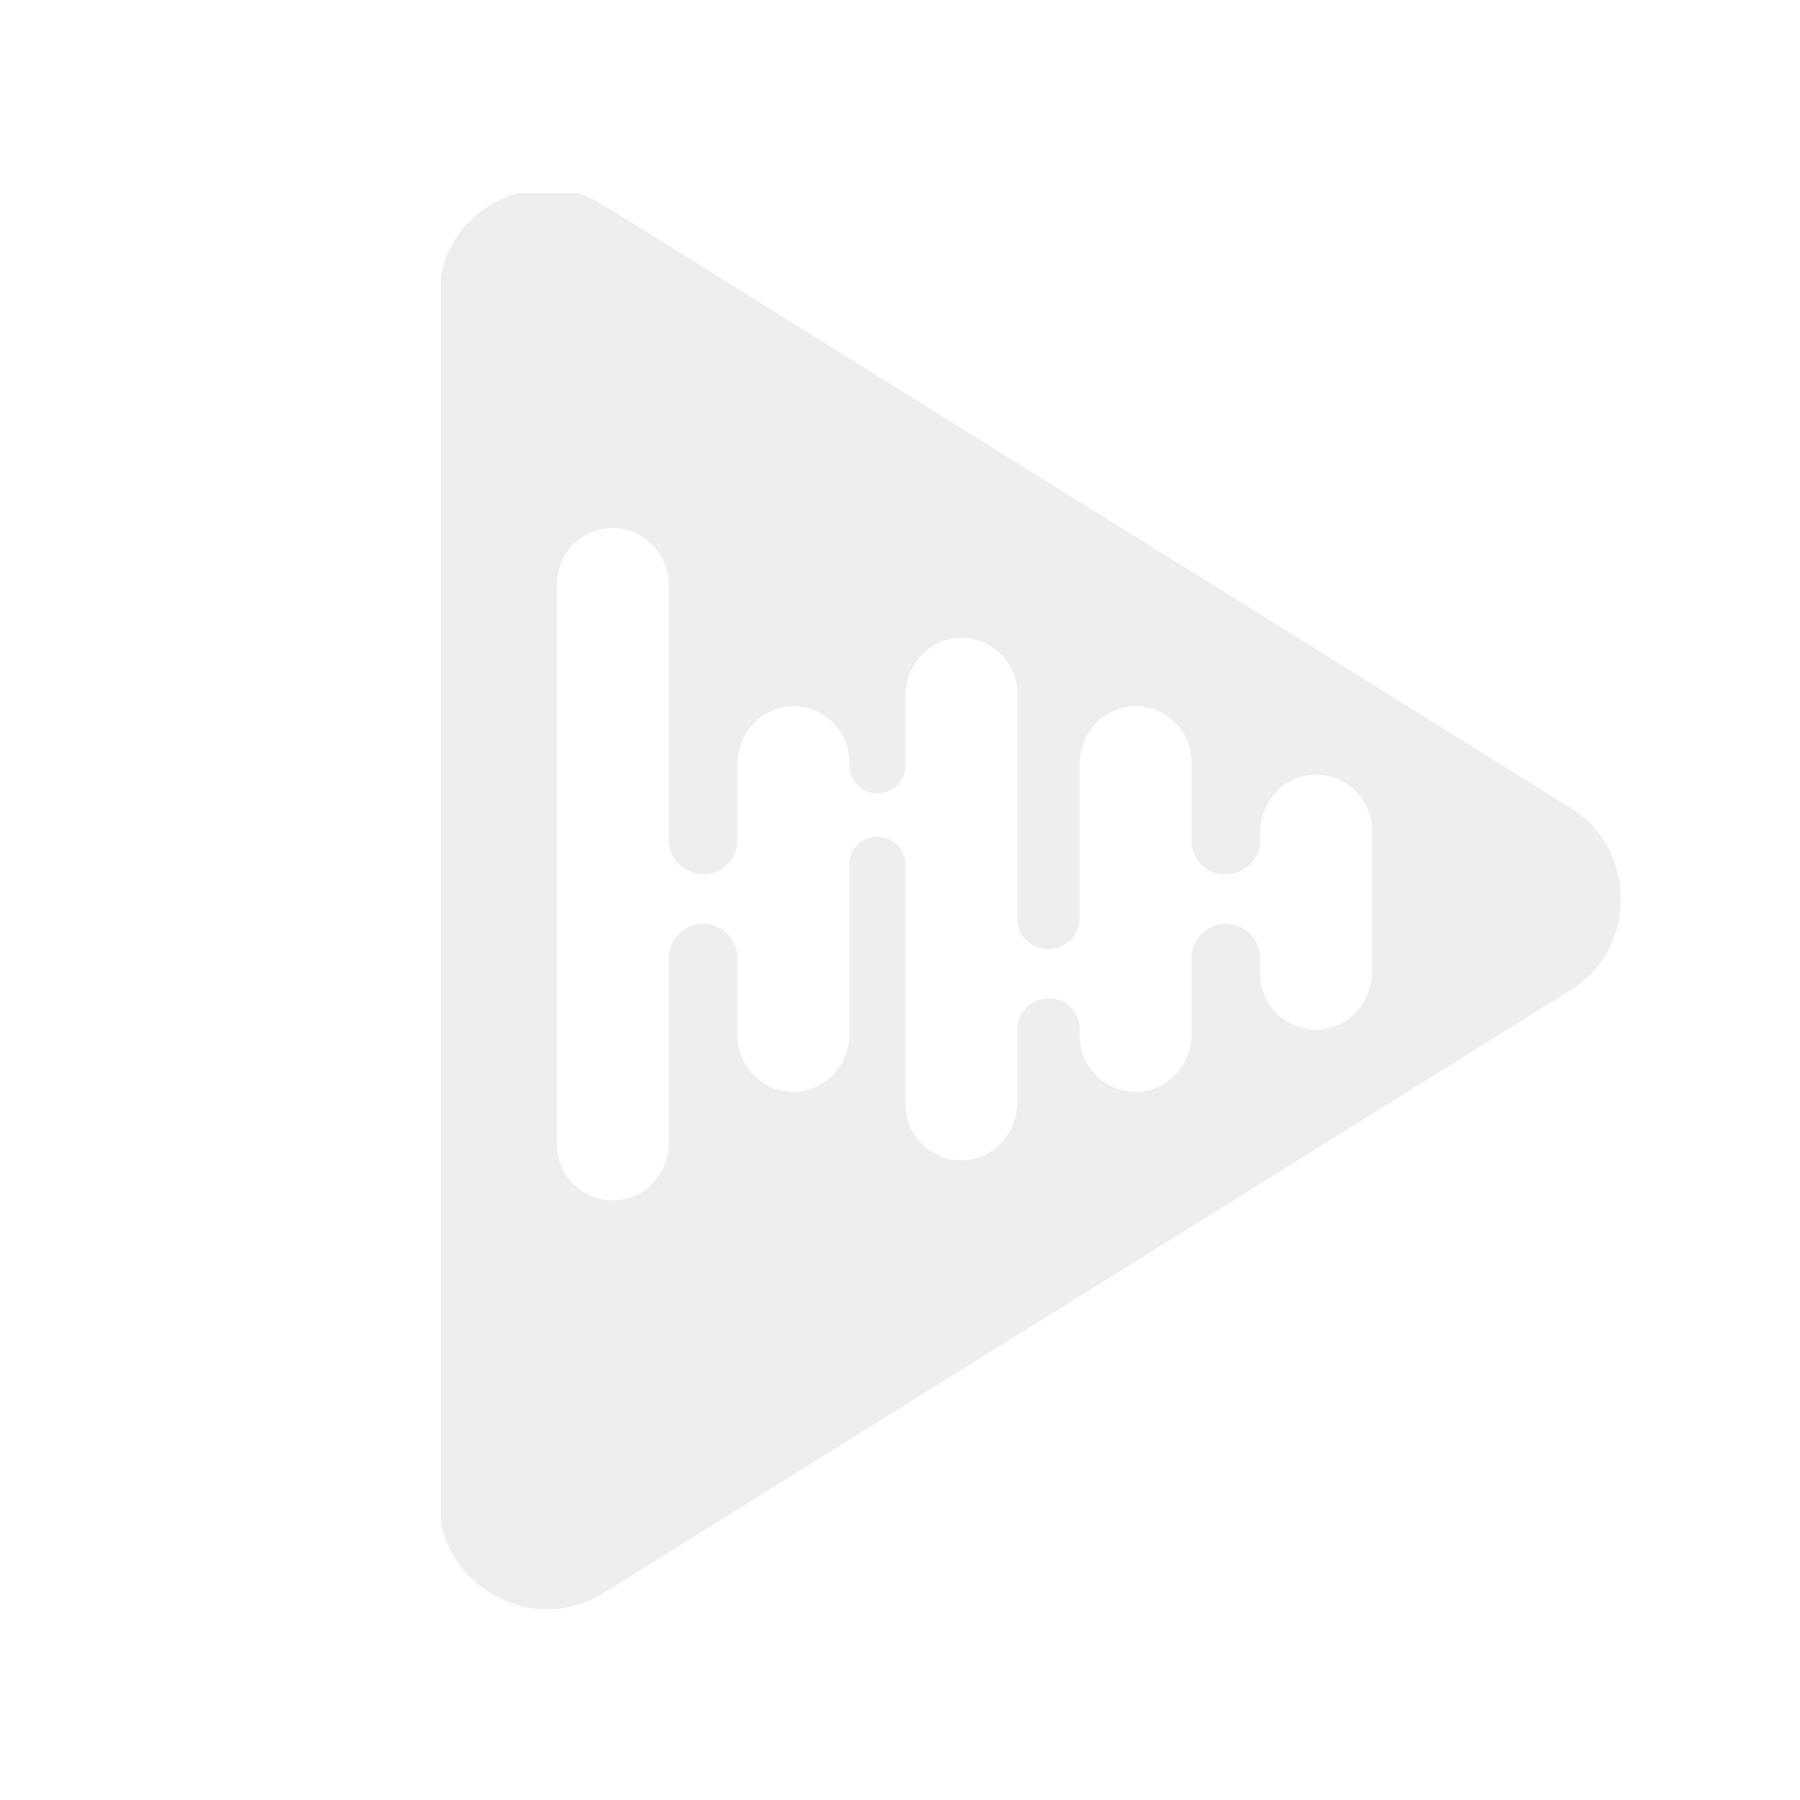 Skoddejuice Cinnamon Aroma